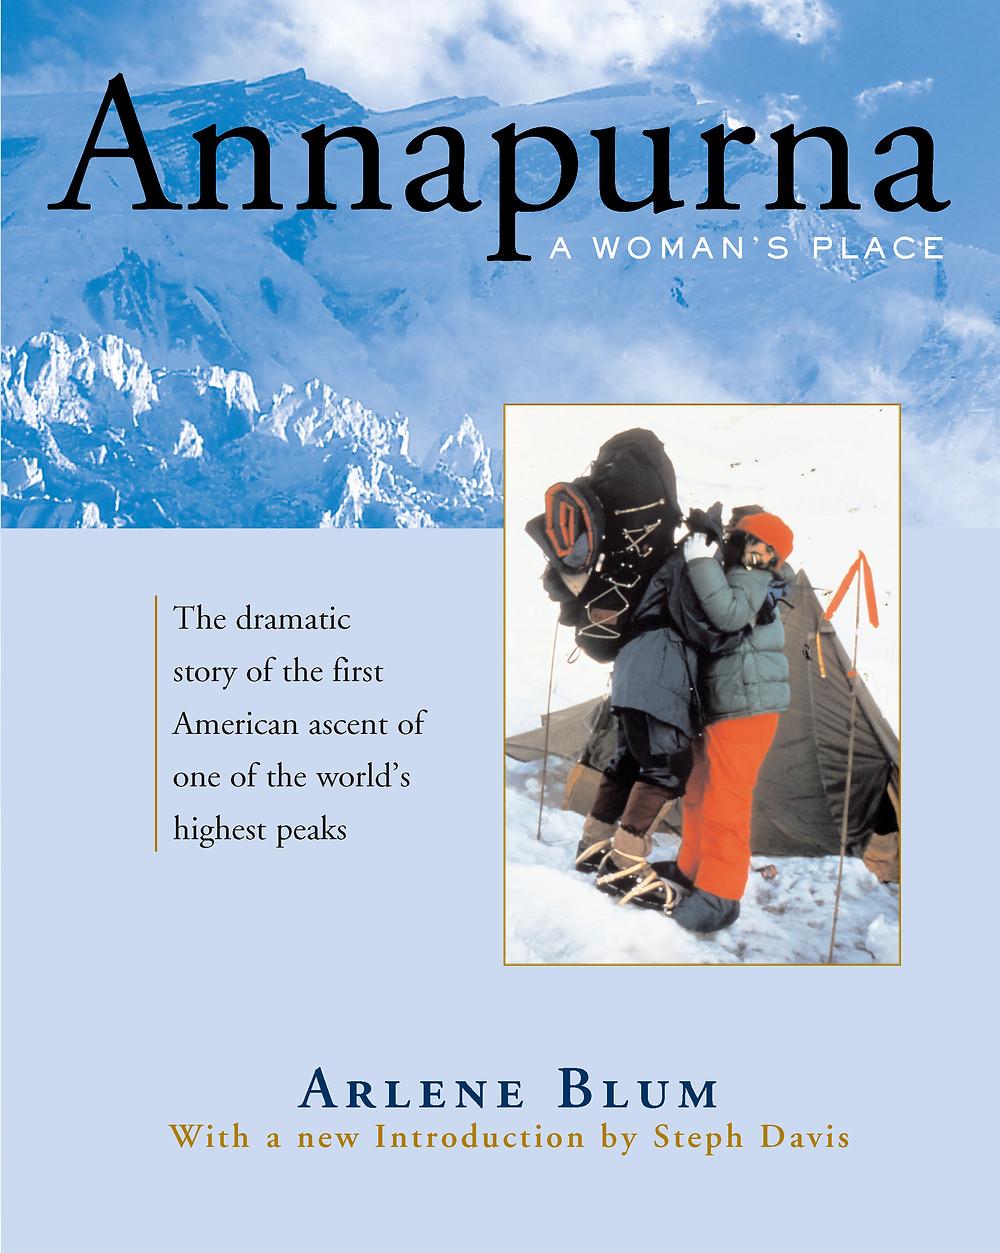 Annapurna, a women's place